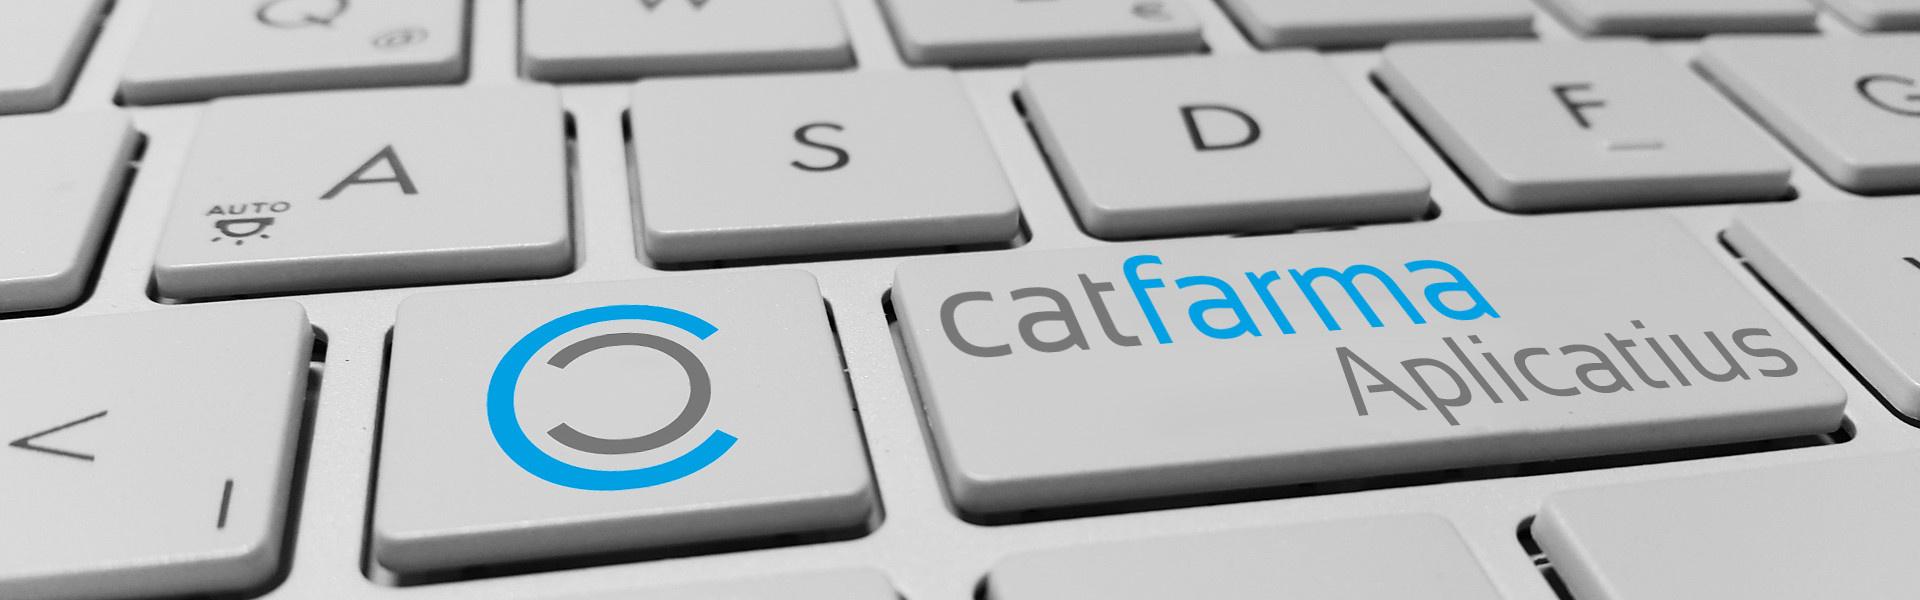 Aplicatius Catfarma